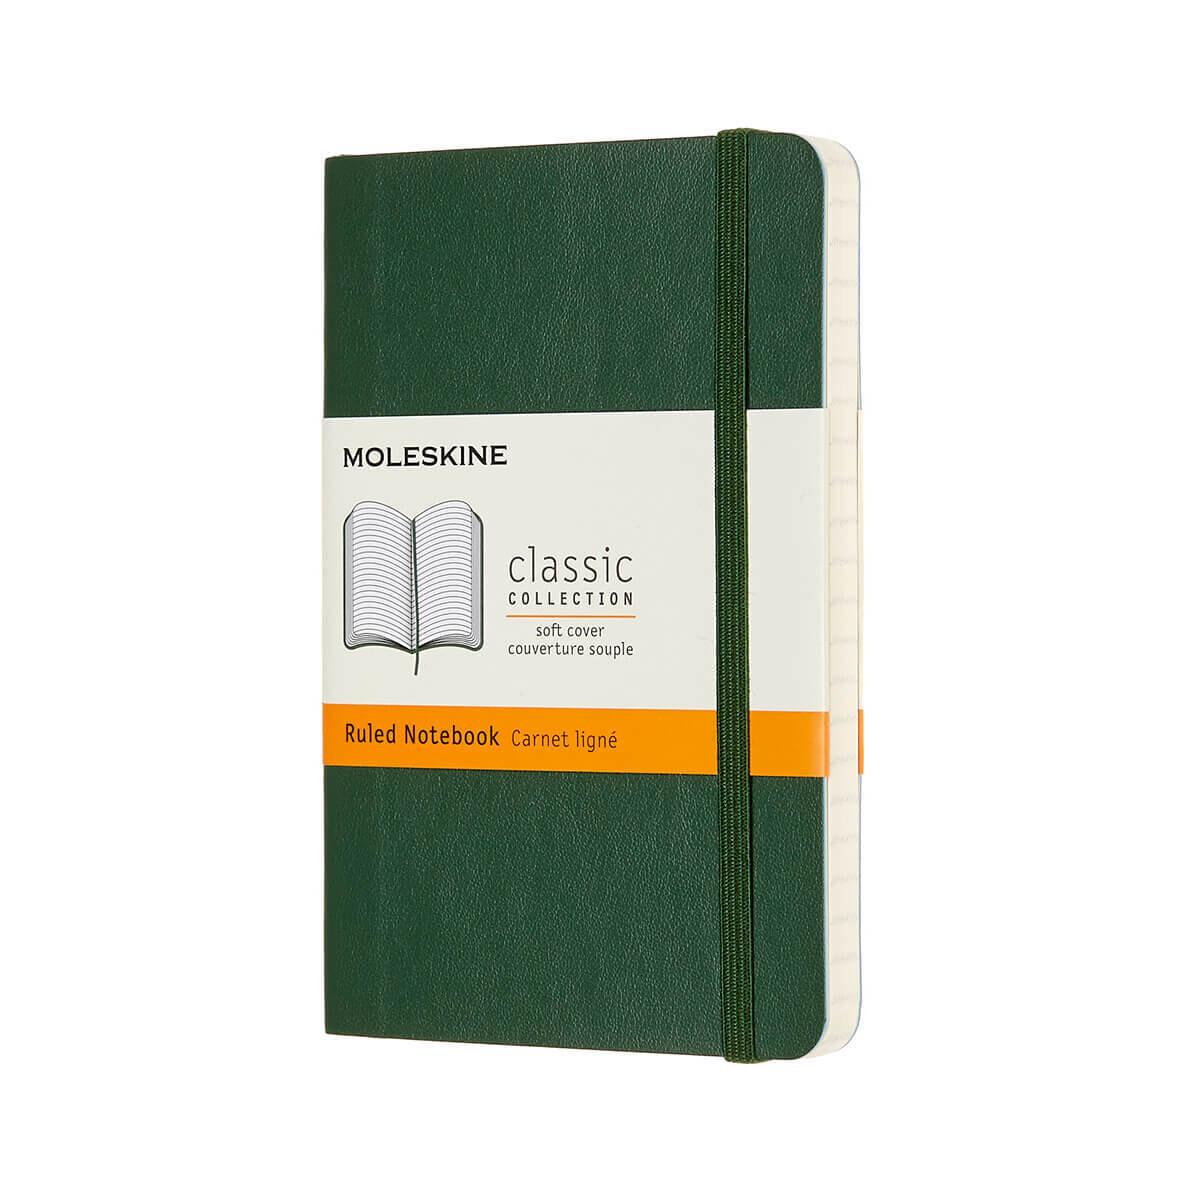 Moleskine Notebook Myrtle Green Ruled Pocket Soft Cover